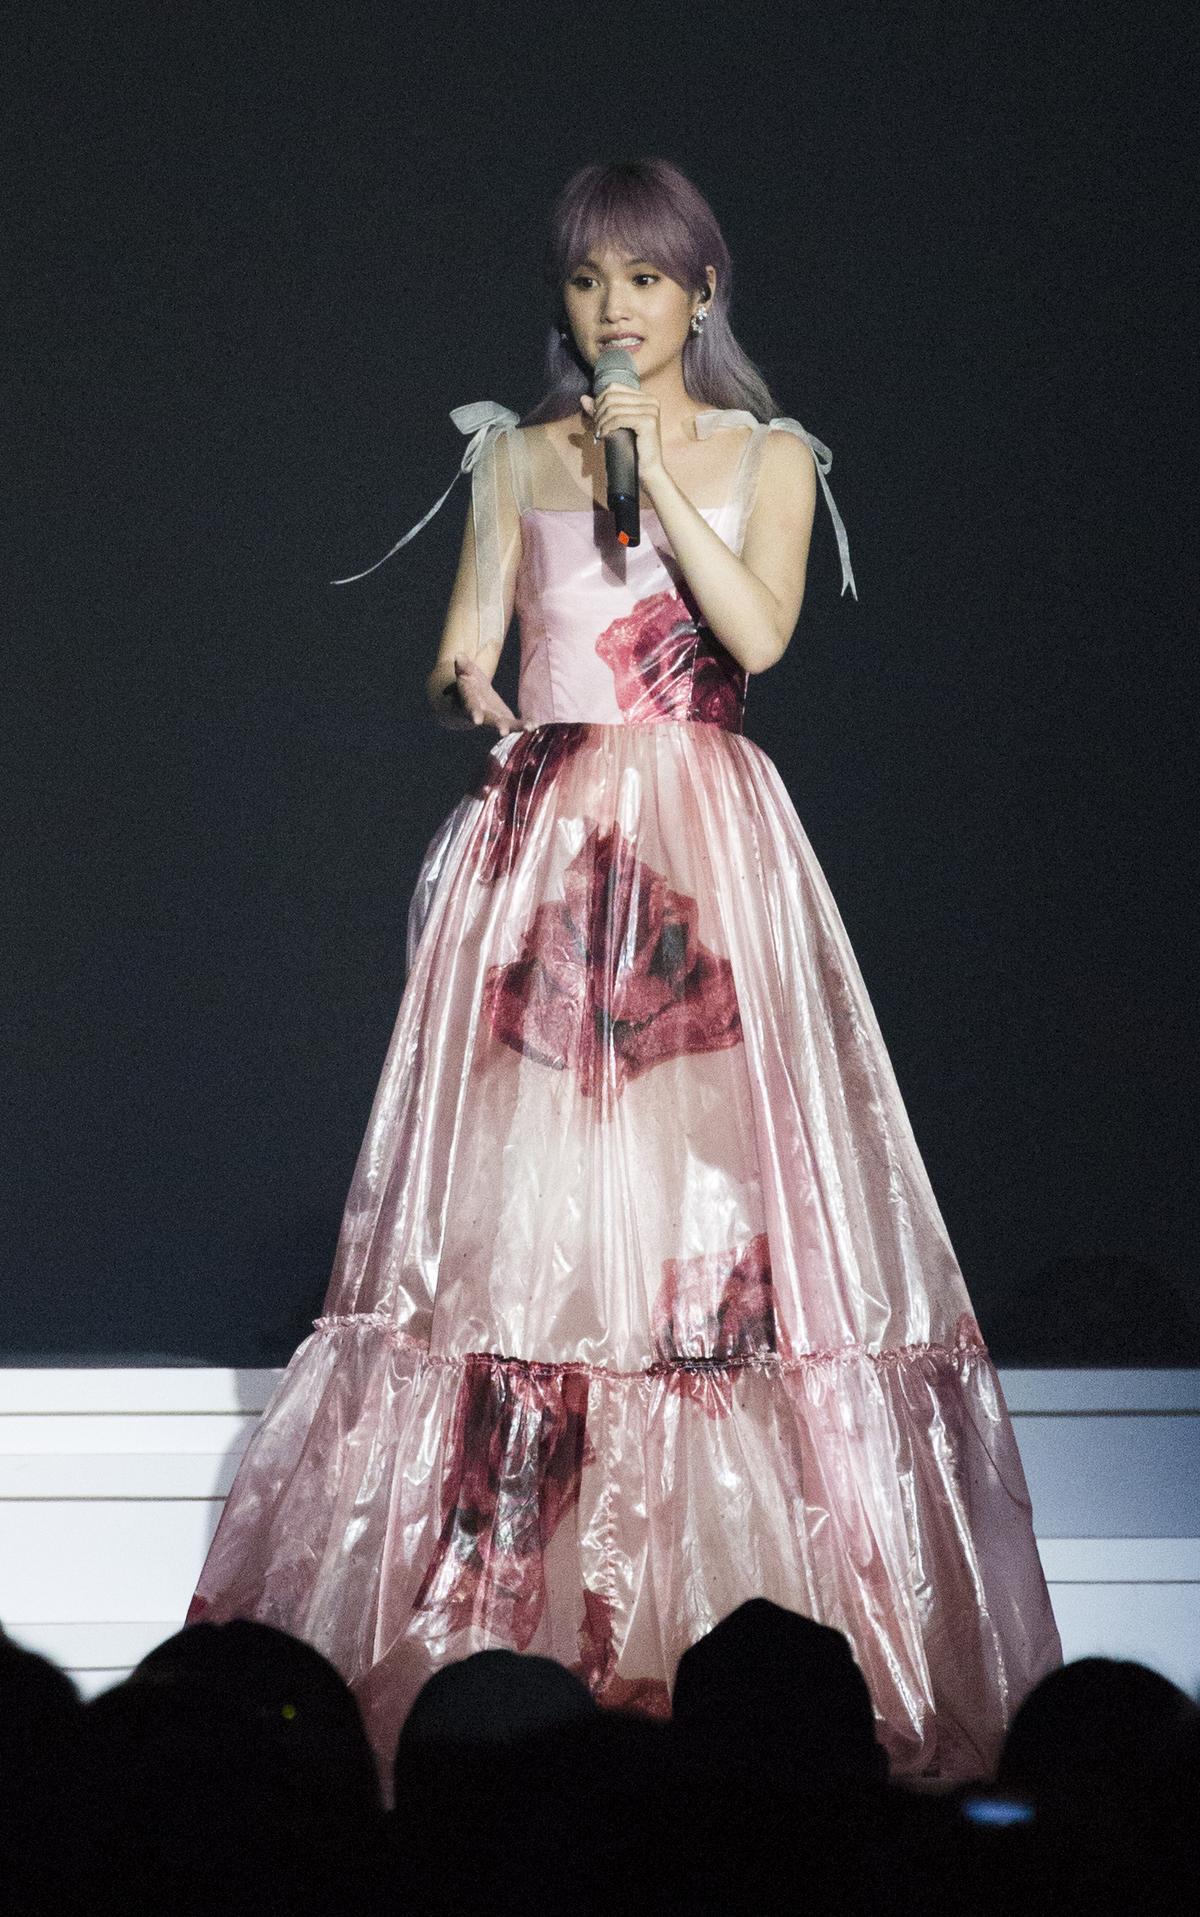 楊丞琳在演唱會上用抒情歌展現了歌唱實力。